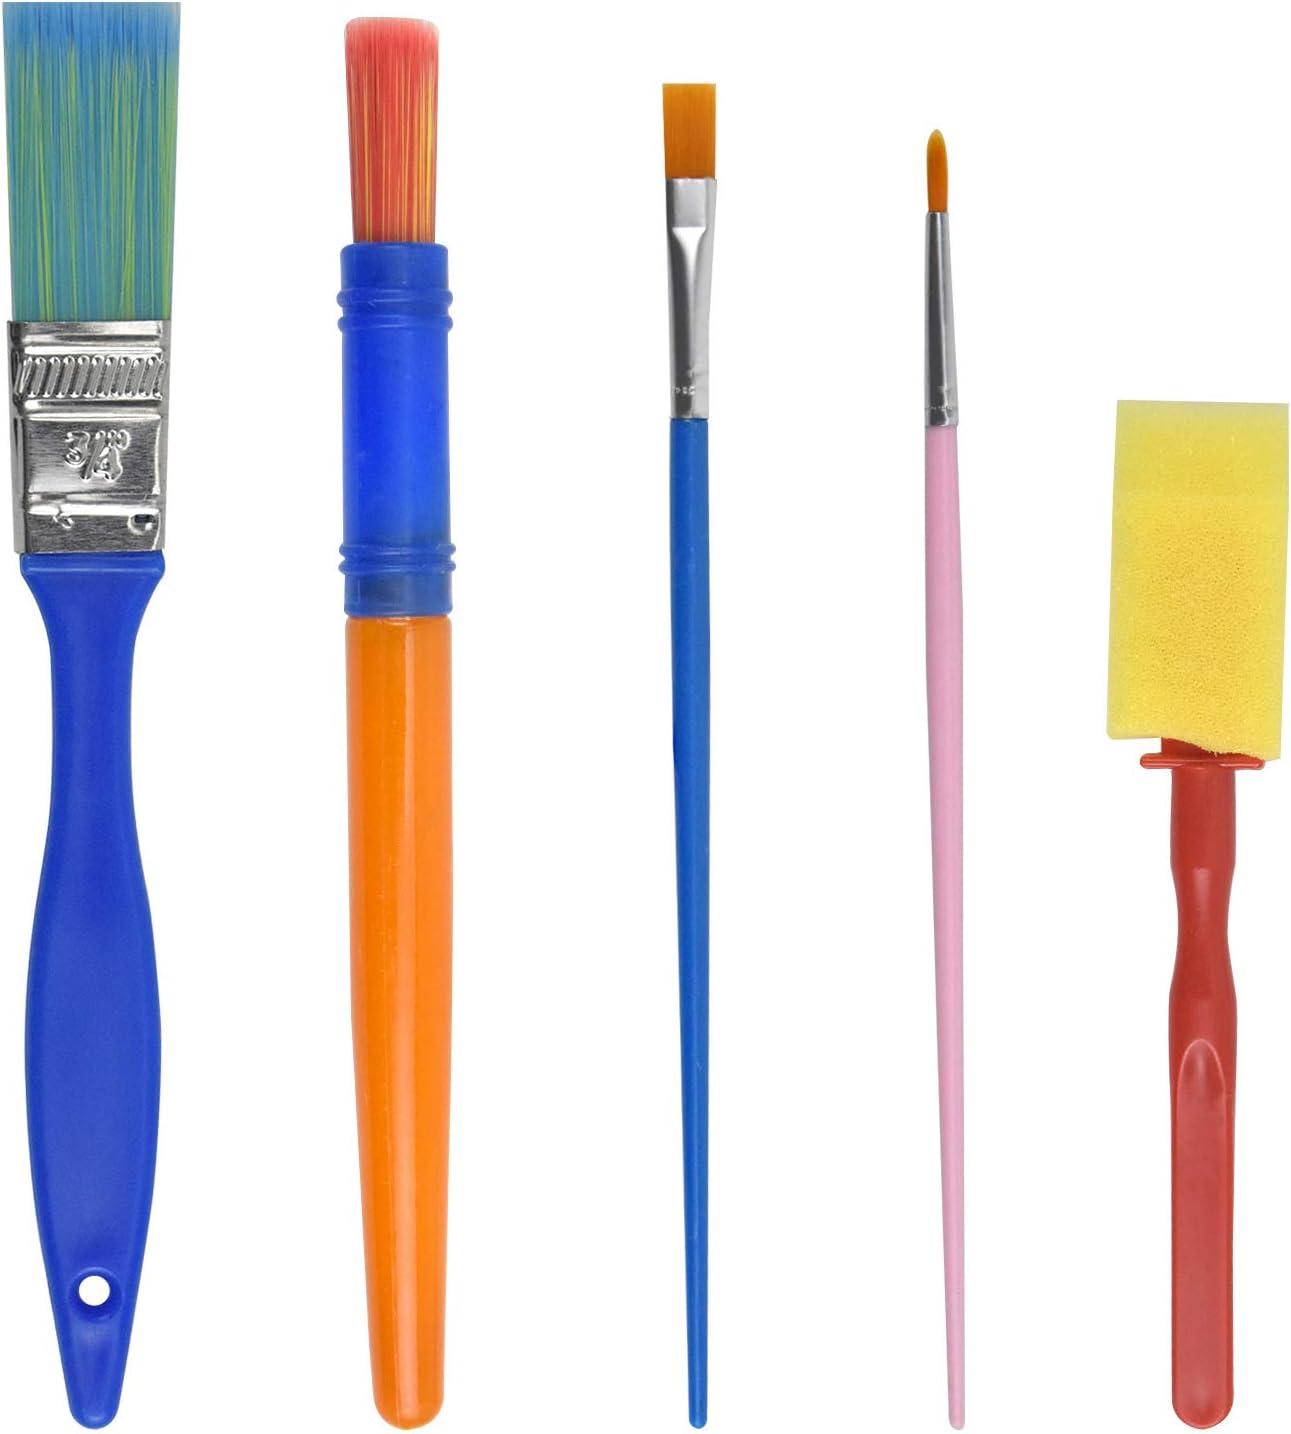 Pinceaux de Peinture /Éponge Brosses de Peinture Enfant Enfants Peinture Kits Pinceaux en Mousse Ensemble Brosse de Peinture pour D/ébutant Peinture AvoDovA 5PCS Peinture Brosse pour Enfants B/éb/é